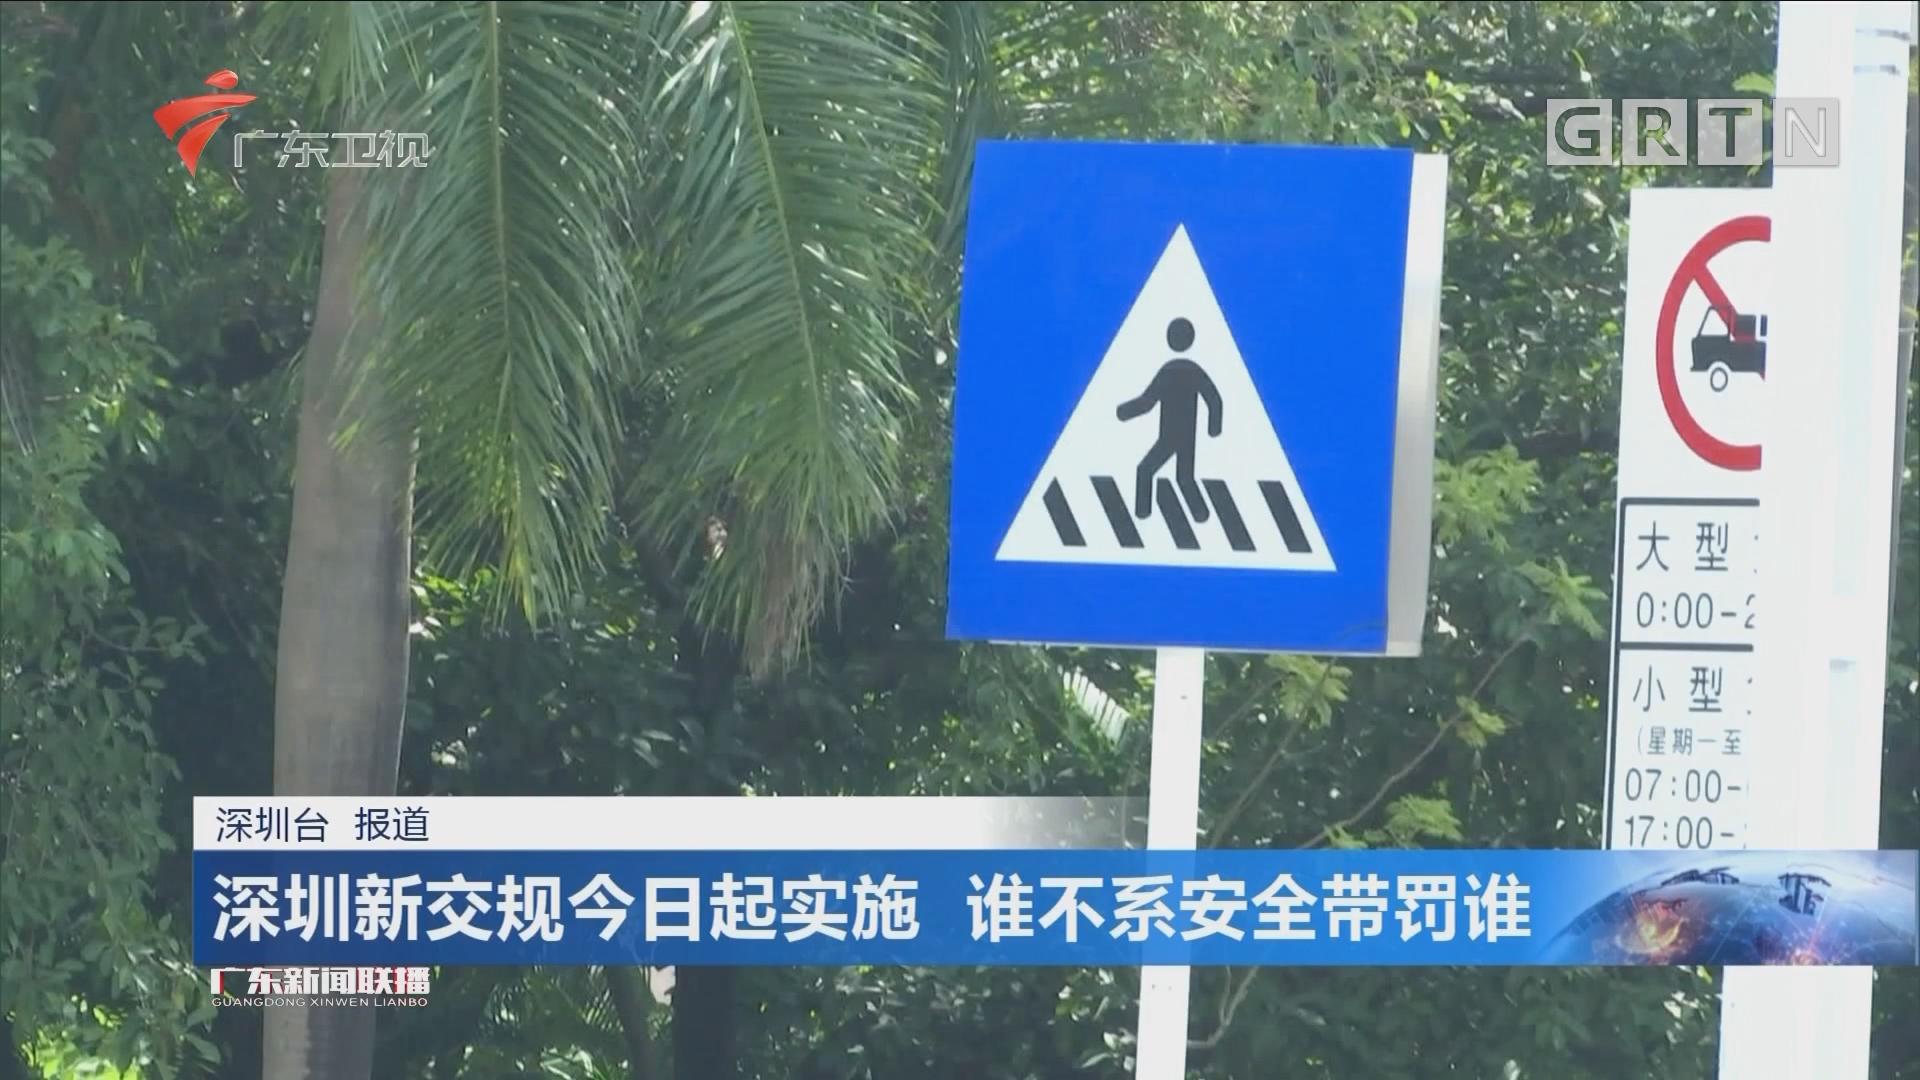 深圳新交规今日起实施 谁不系安全带罚谁